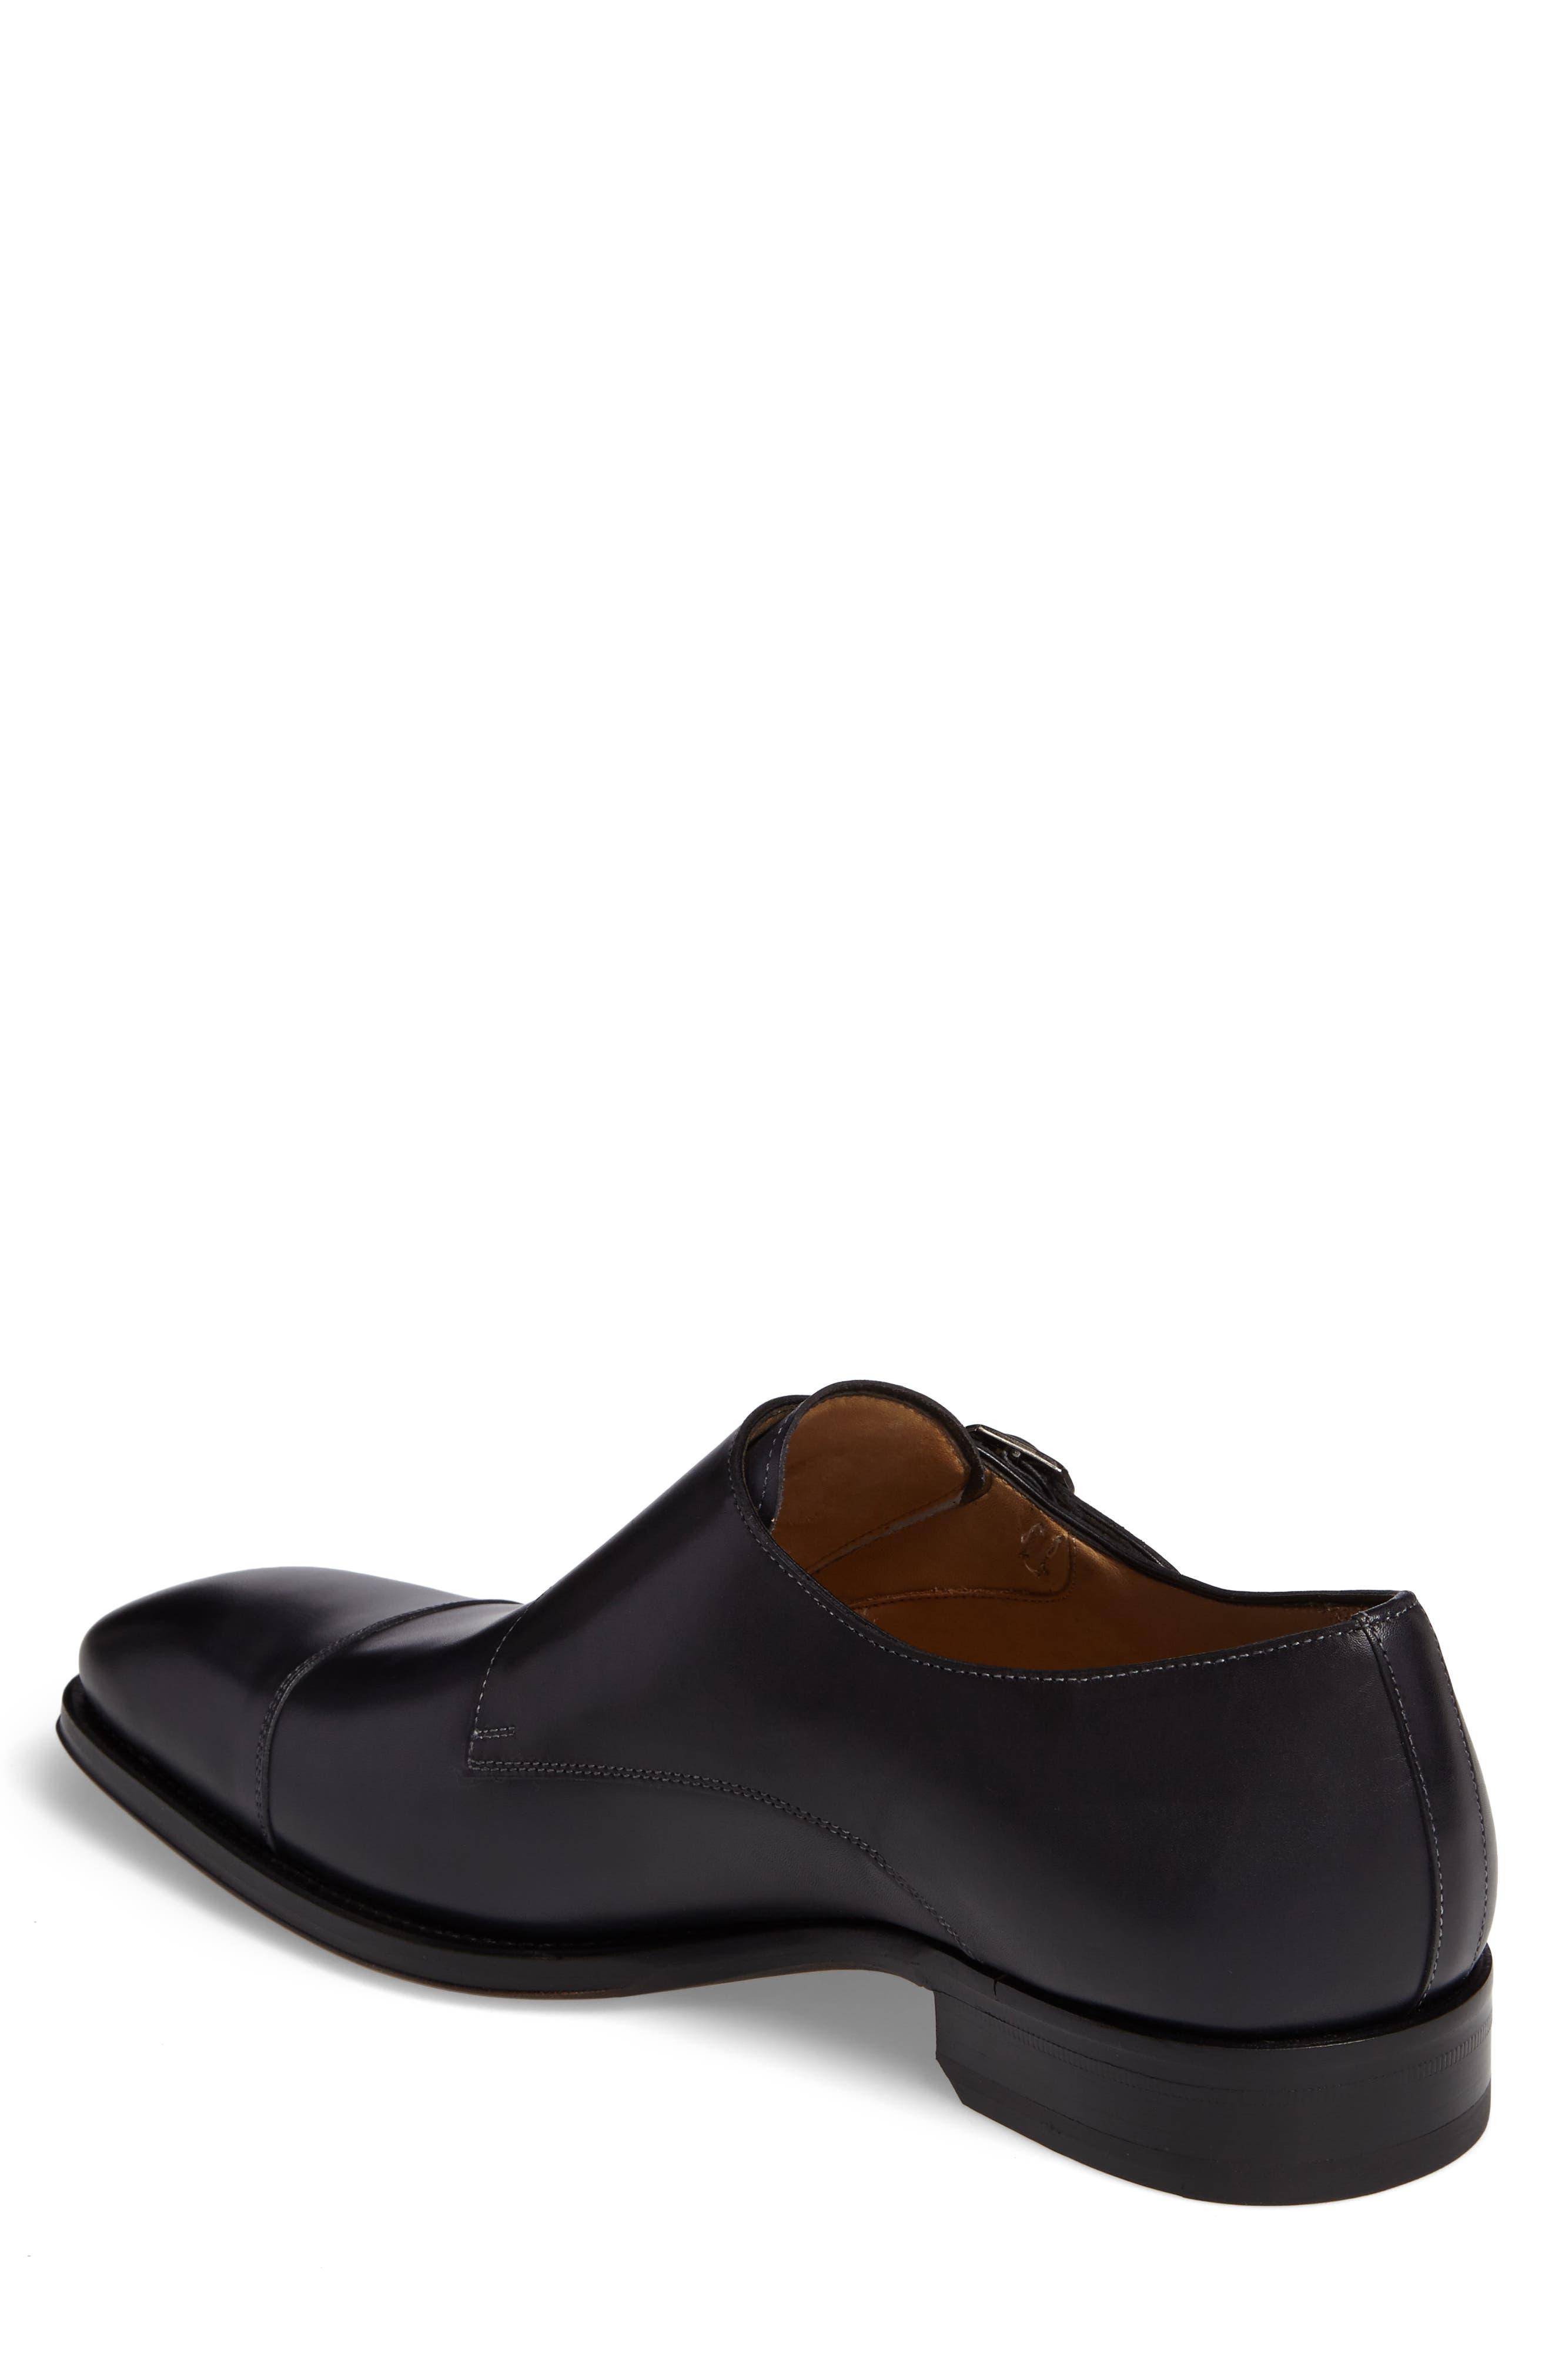 Cajal Double Monk Strap Cap Toe Shoe,                             Alternate thumbnail 2, color,                             001